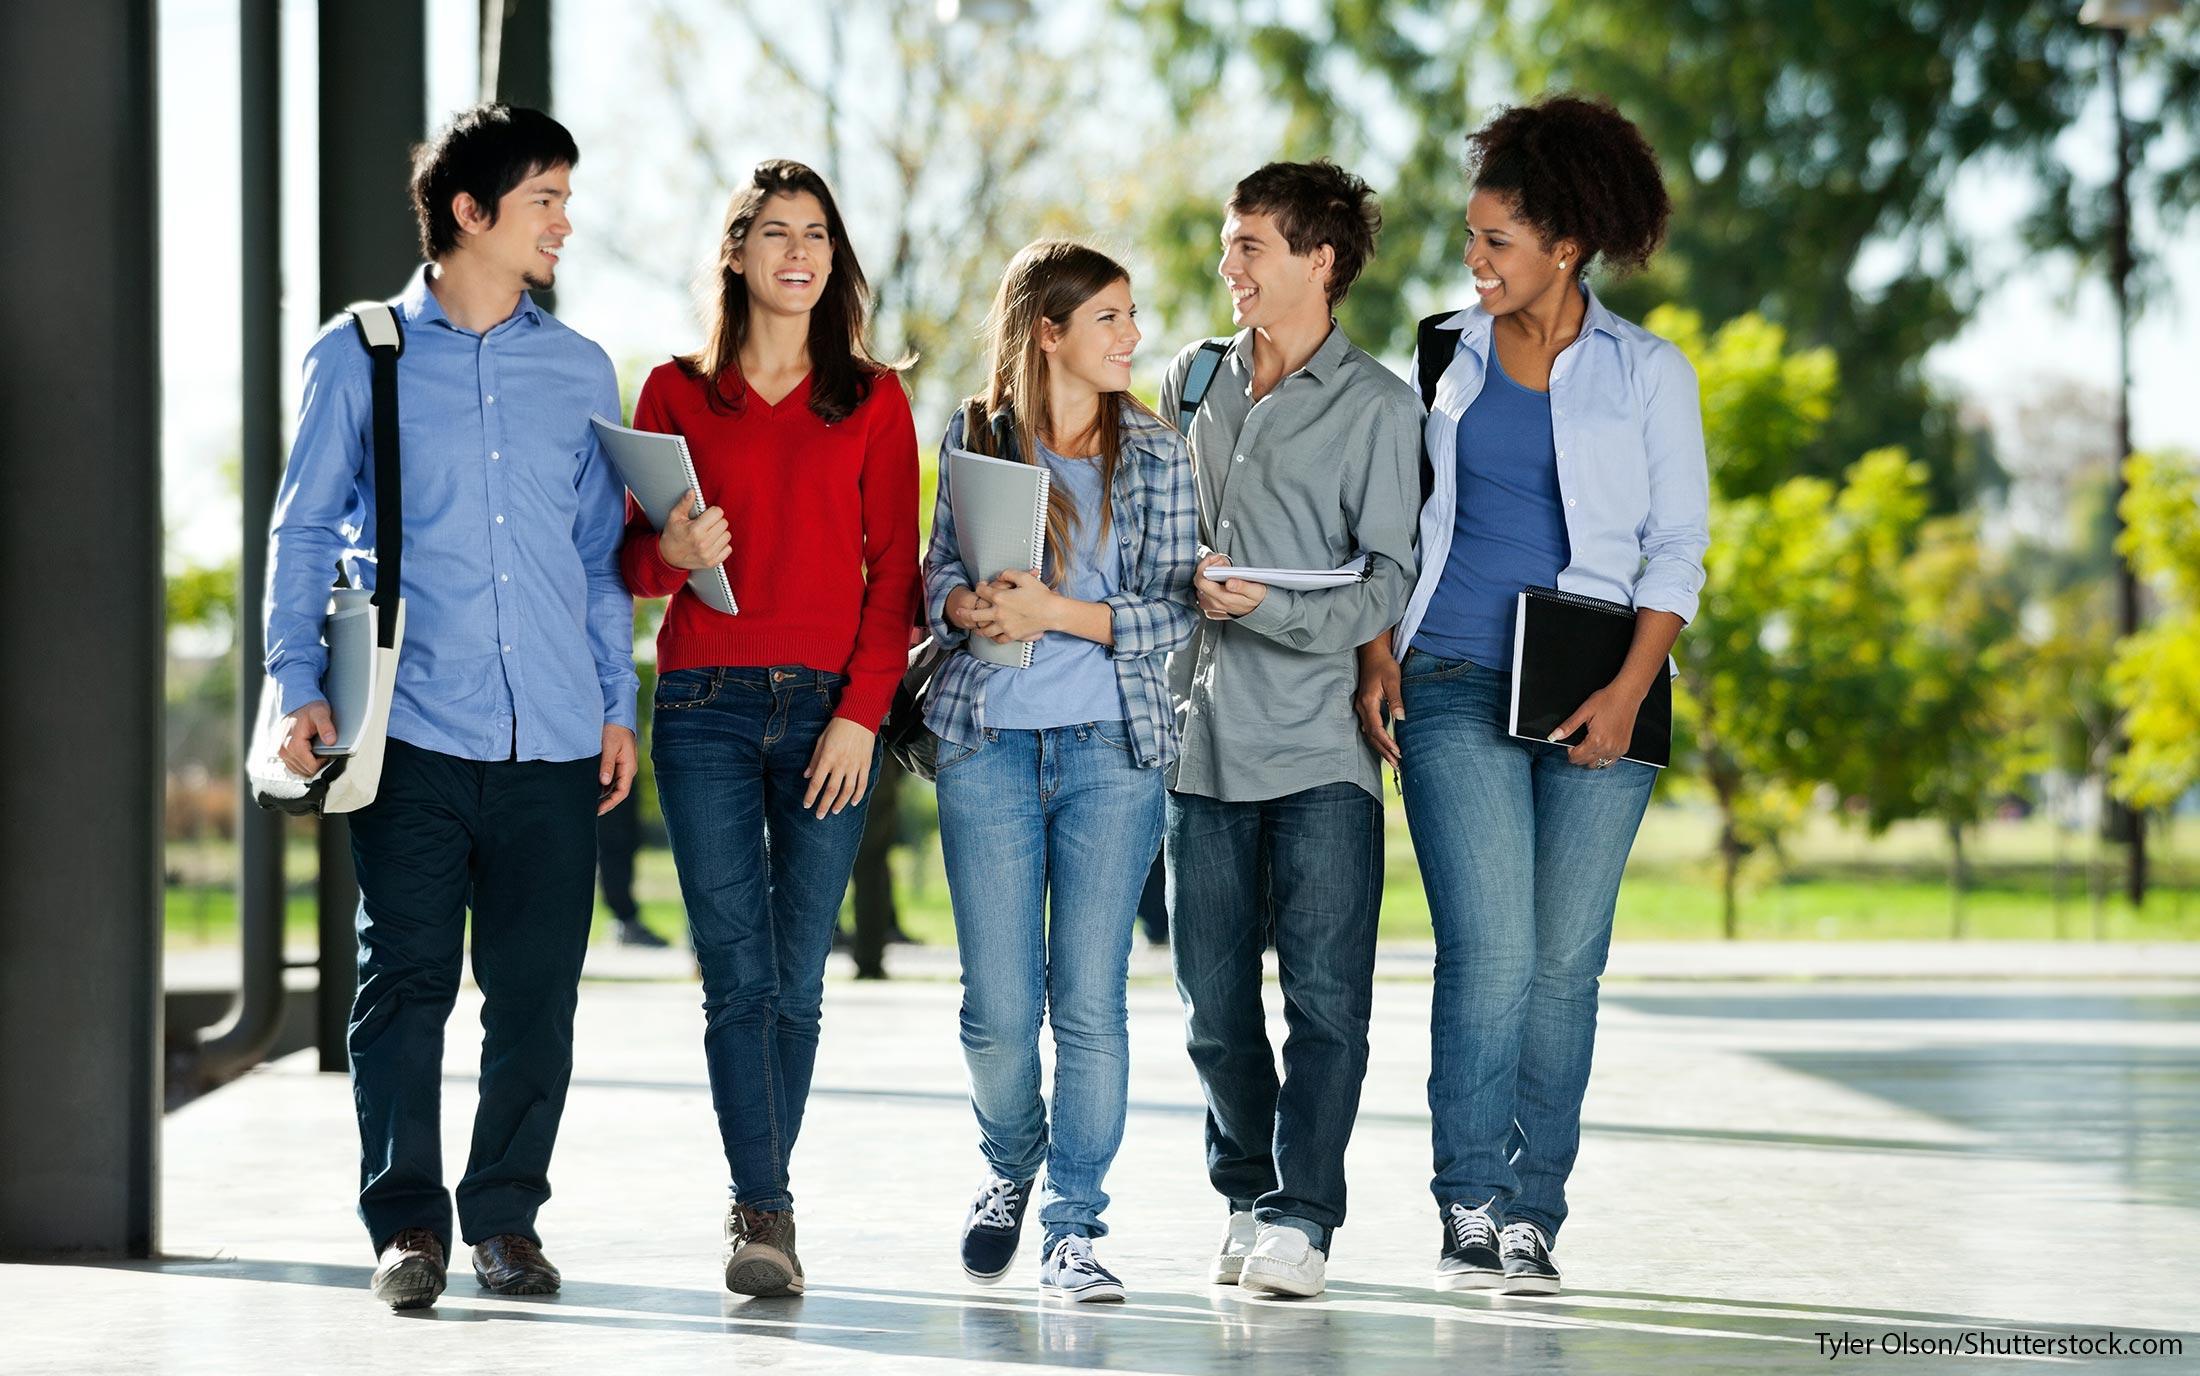 investing 529 college savings plan